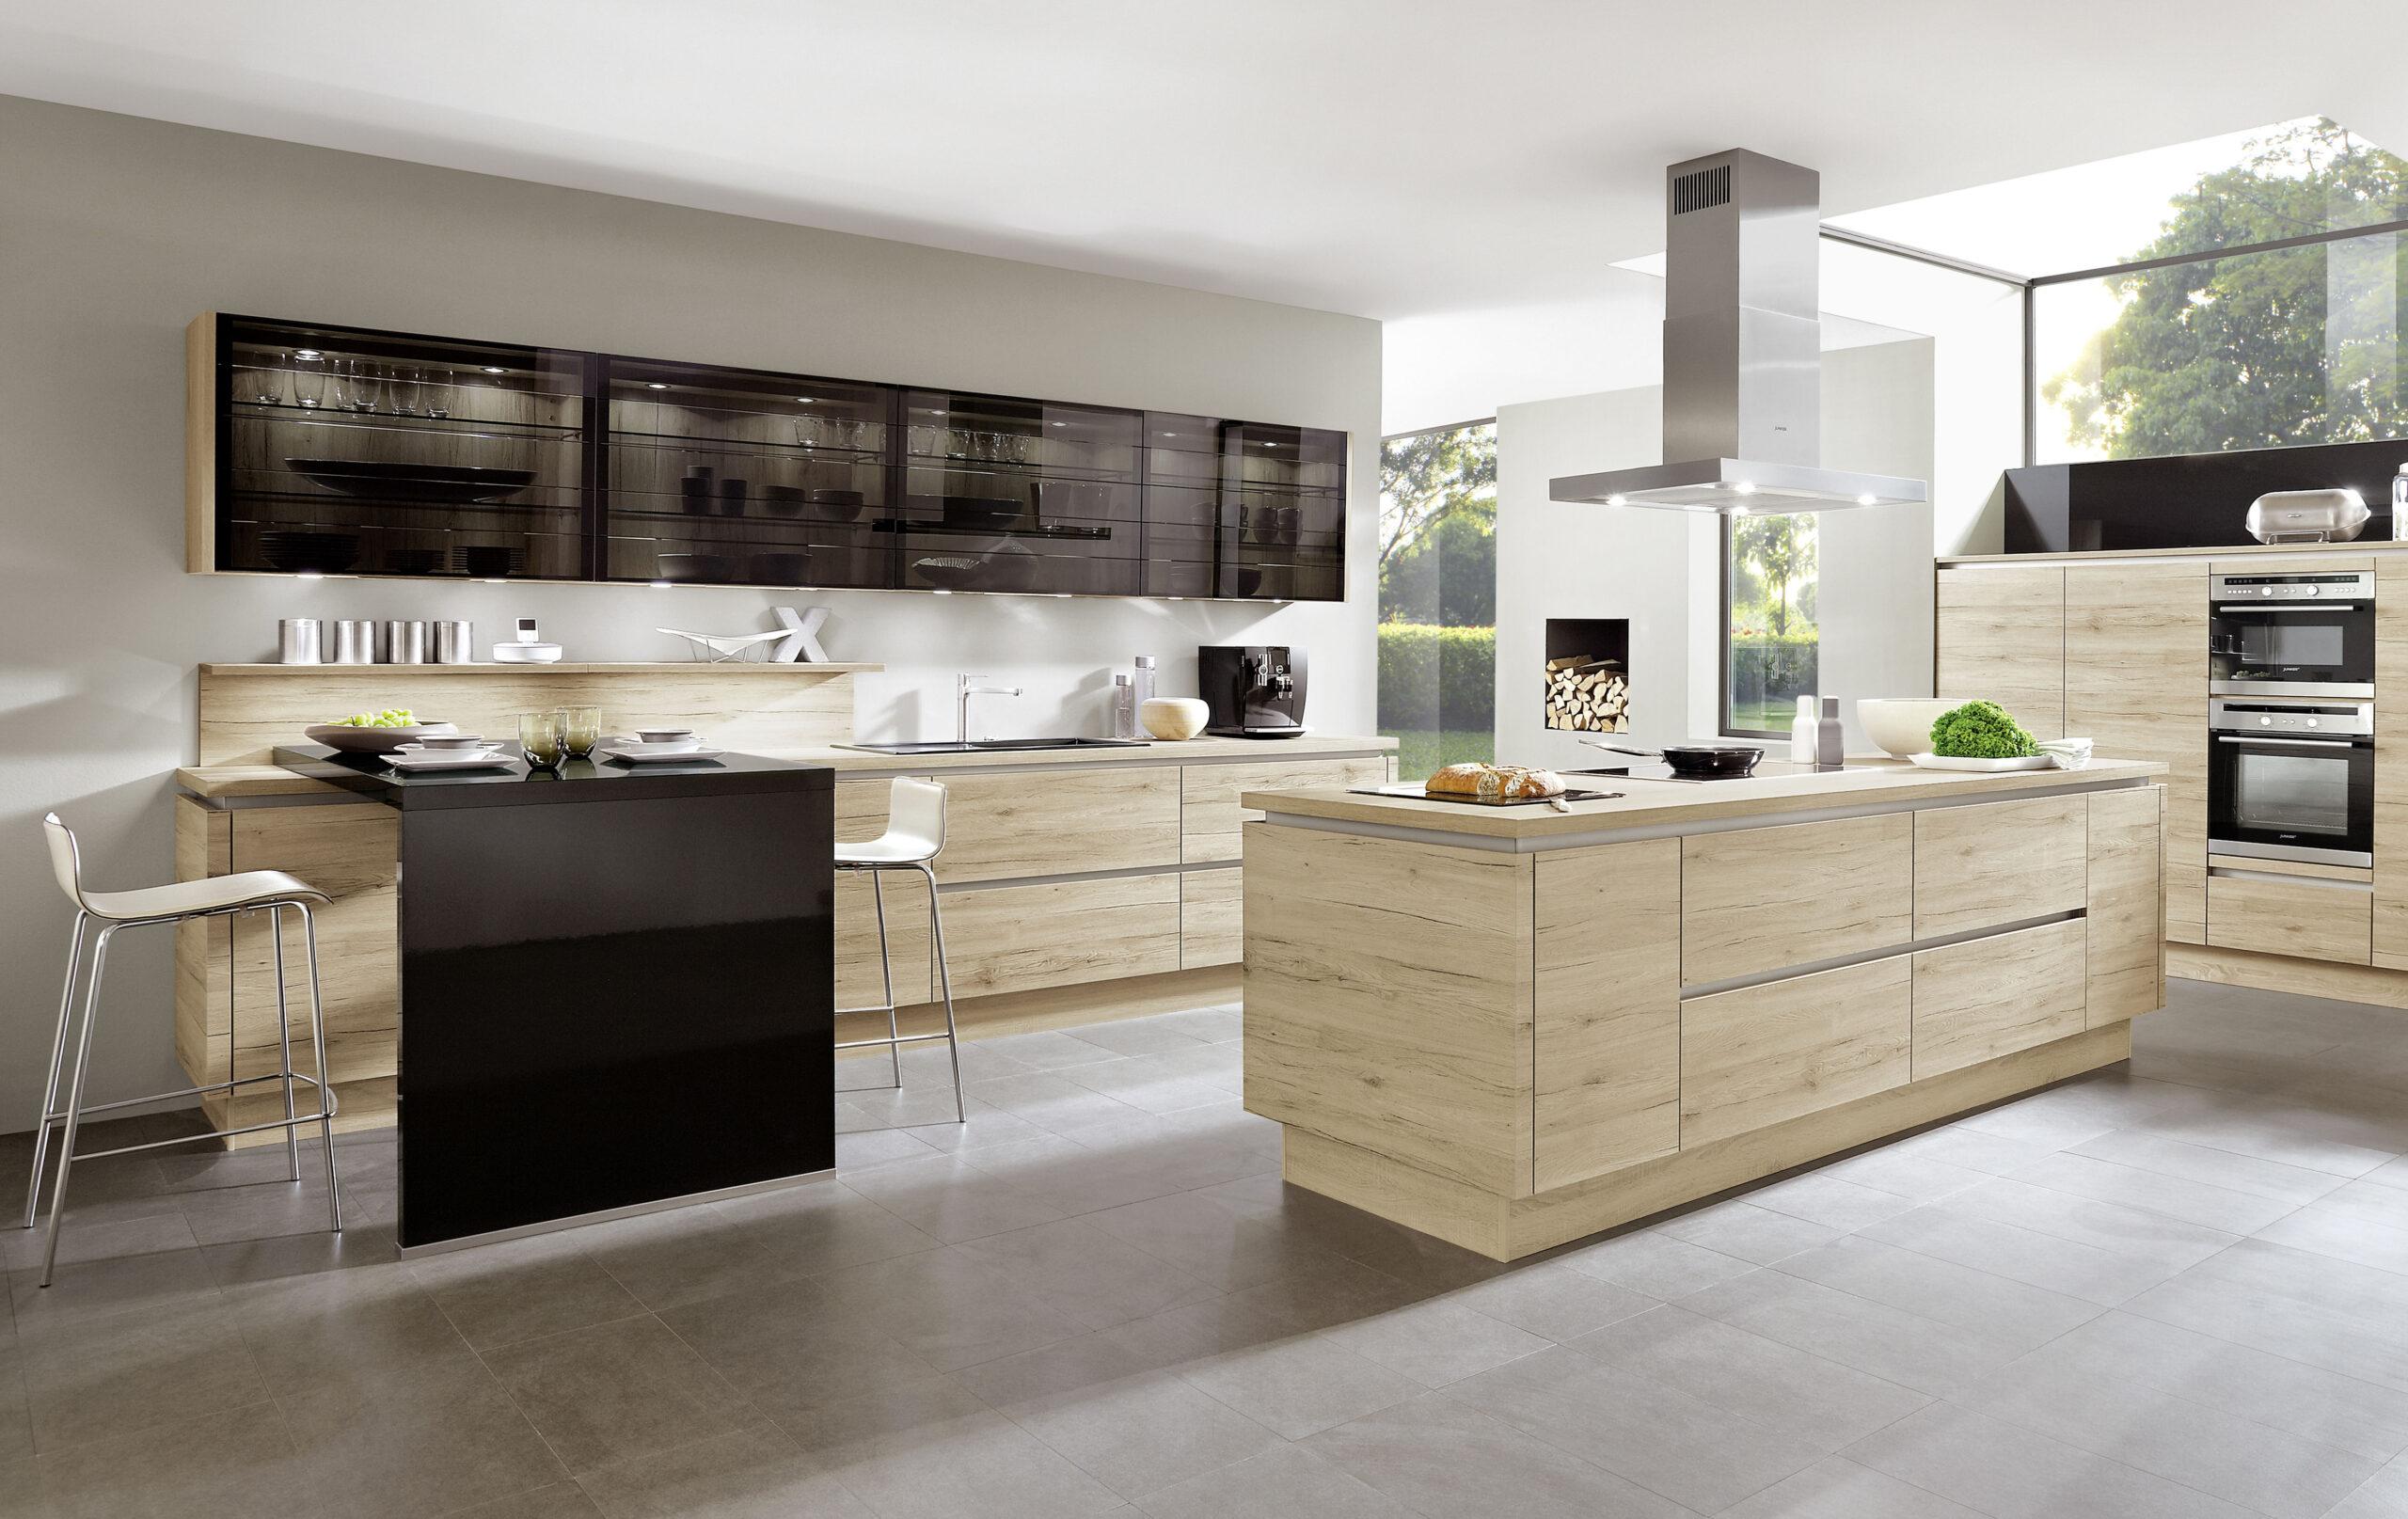 Full Size of Möbelix Küchen Kchentrends Kchendesign Ratgeber Mbelikchen Online Shop Regal Wohnzimmer Möbelix Küchen